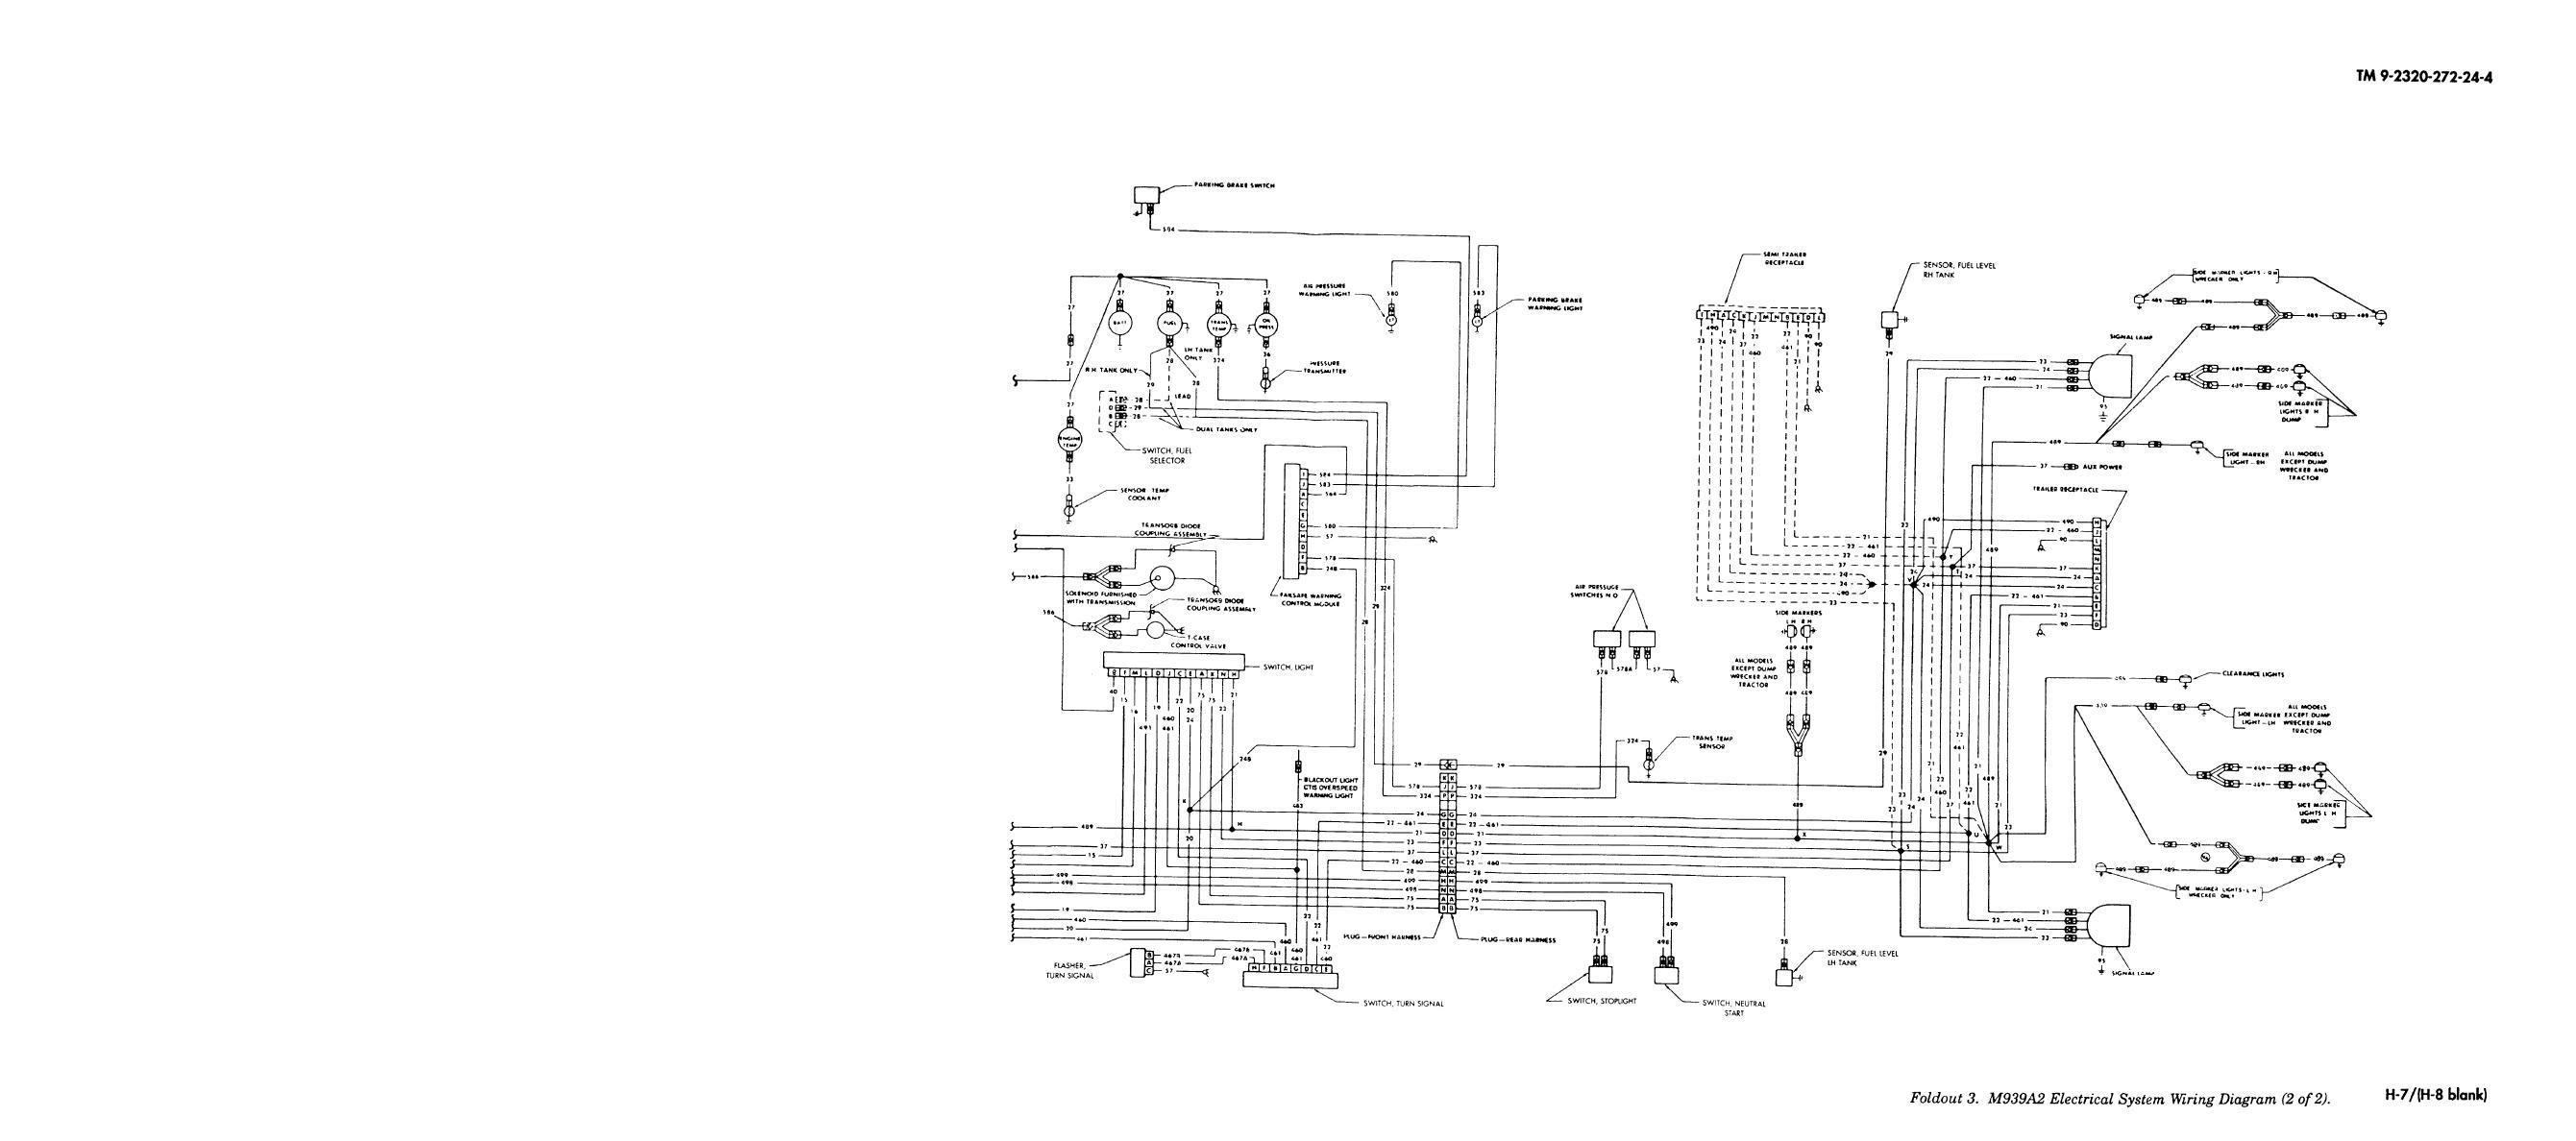 Hmmwv Wiring Schematic - Lt1 Charging Wiring Diagram -  valkyrie.cukk.jeanjaures37.fr | Hmmwv Wiring Schematic |  | Wiring Diagram Resource